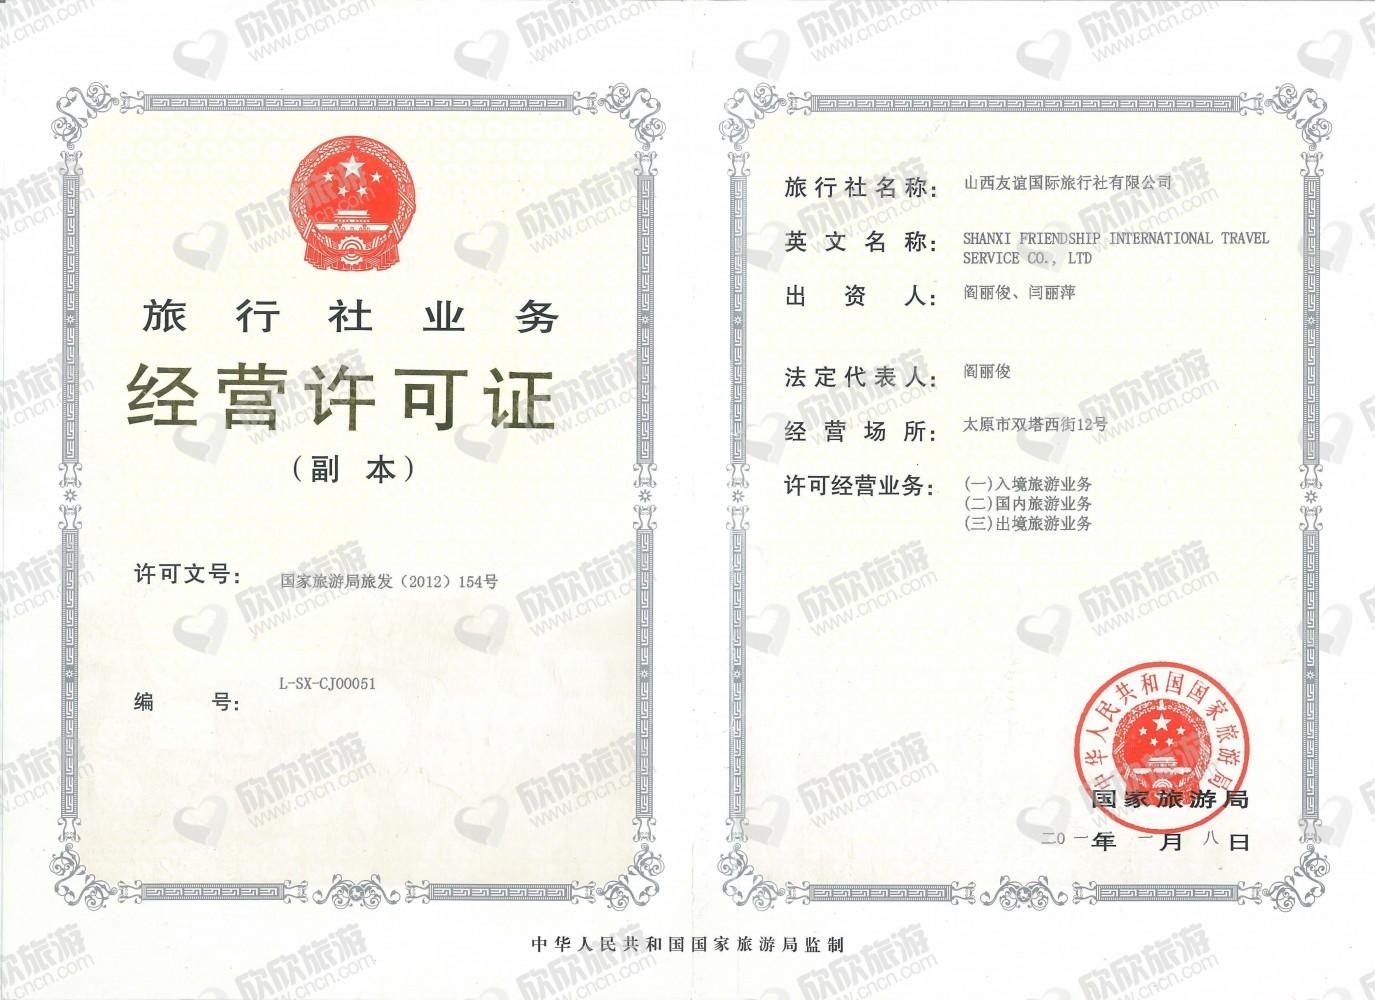 山西友谊国际旅行社有限公司经营许可证